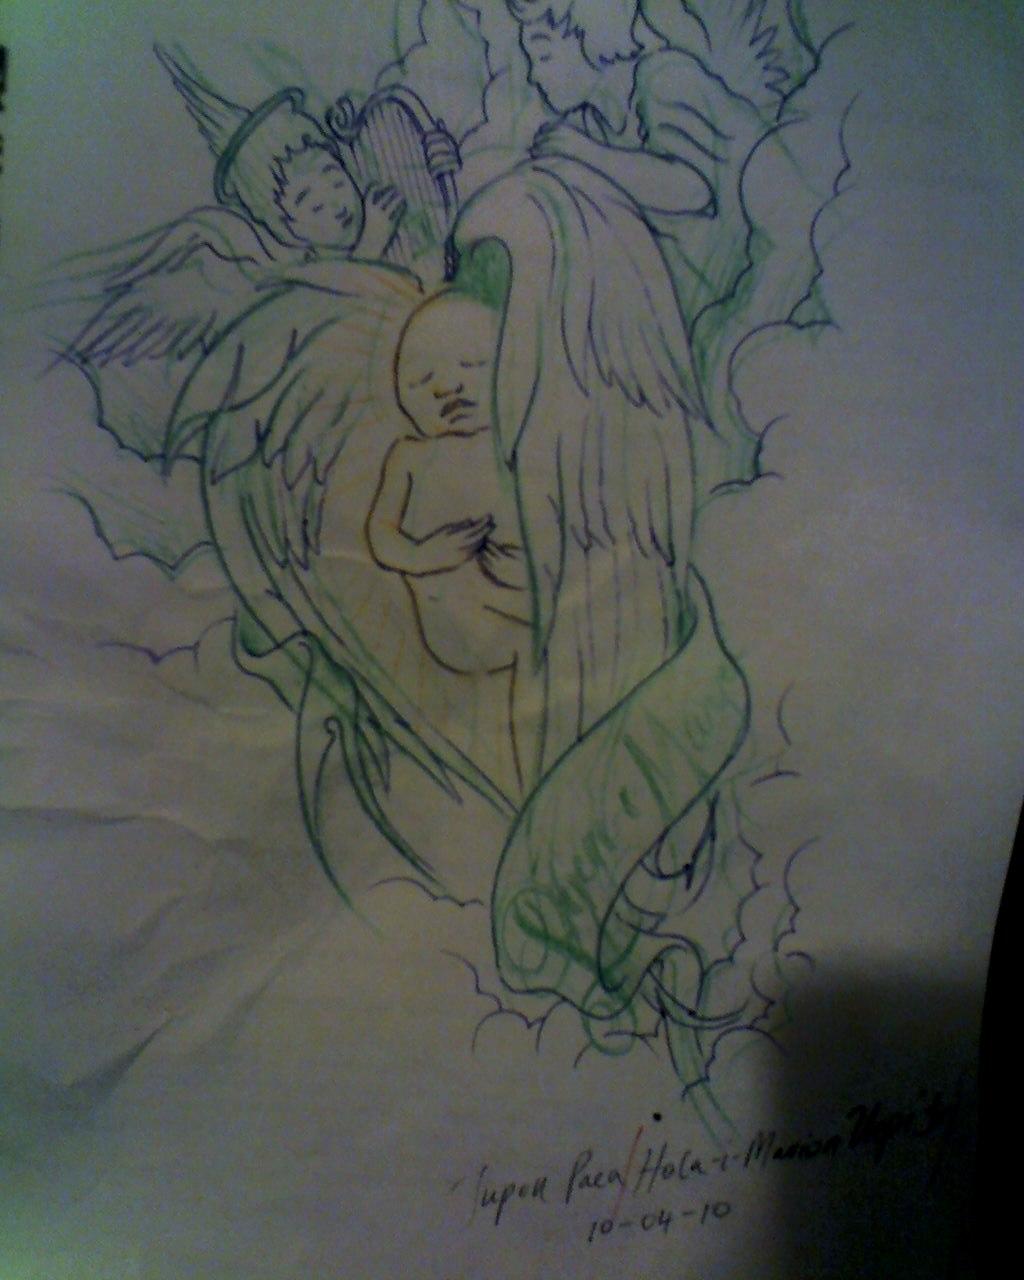 http://1.bp.blogspot.com/_M-xiin8TNpU/TByxv6ejRWI/AAAAAAAAA74/au-lrsokIns/s1600/media1(8).jpeg